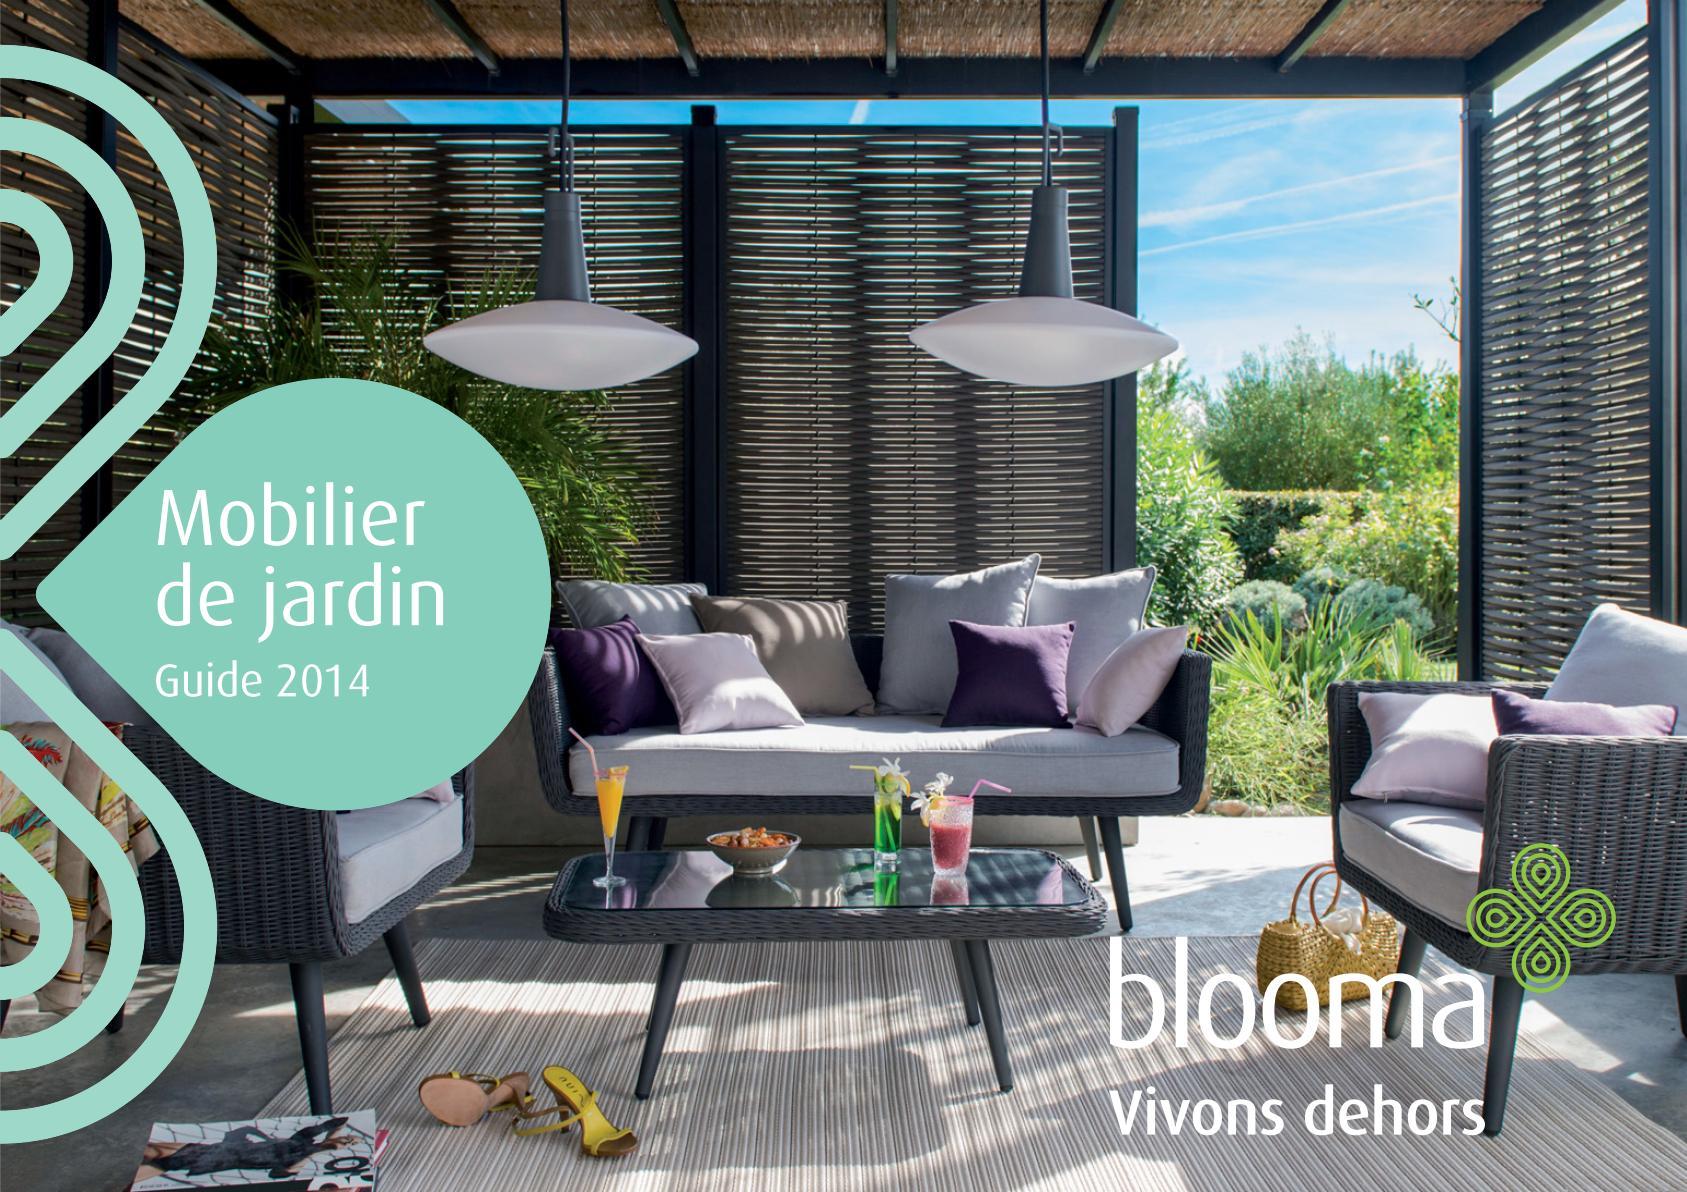 Catalogue Castorama Blooma Mobilier De Jardin 2014 ... concernant Castorama Meubles De Jardin